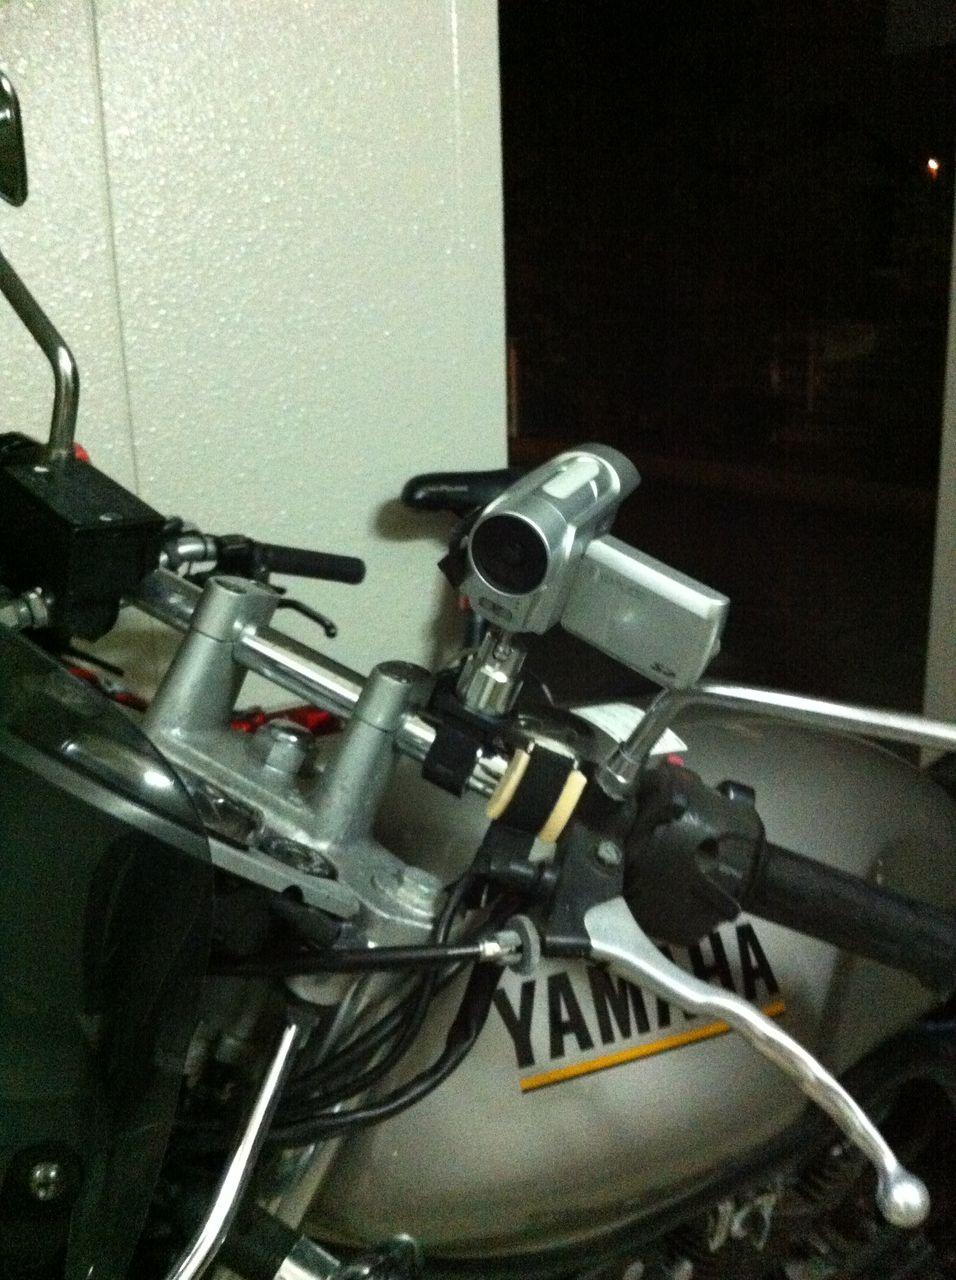 ... バイク用カメラマウント自作